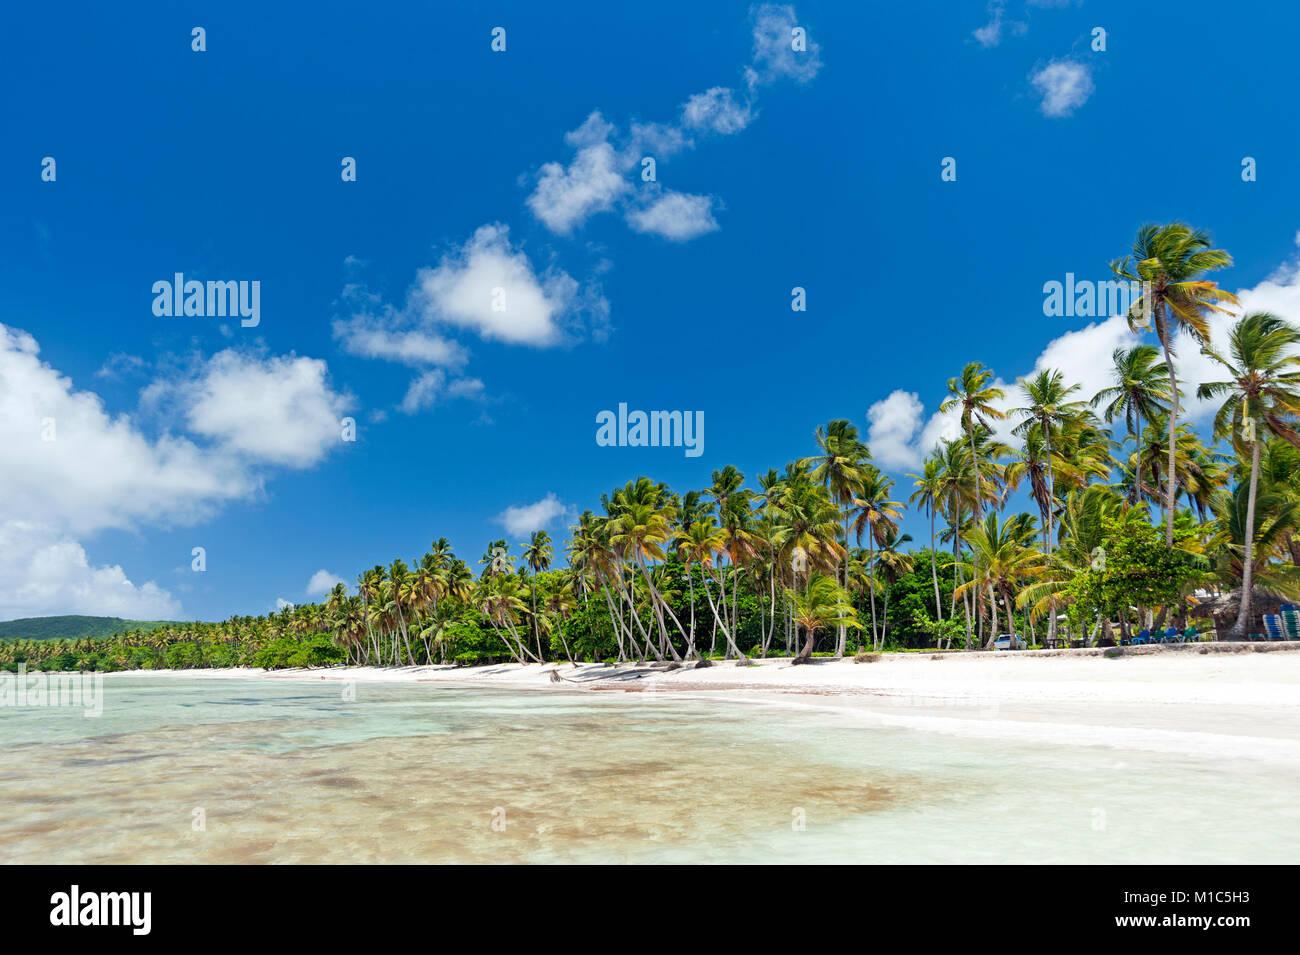 Belle plage tropicale des Caraïbes sur la péninsule de Samaná, République Dominicaine Photo Stock